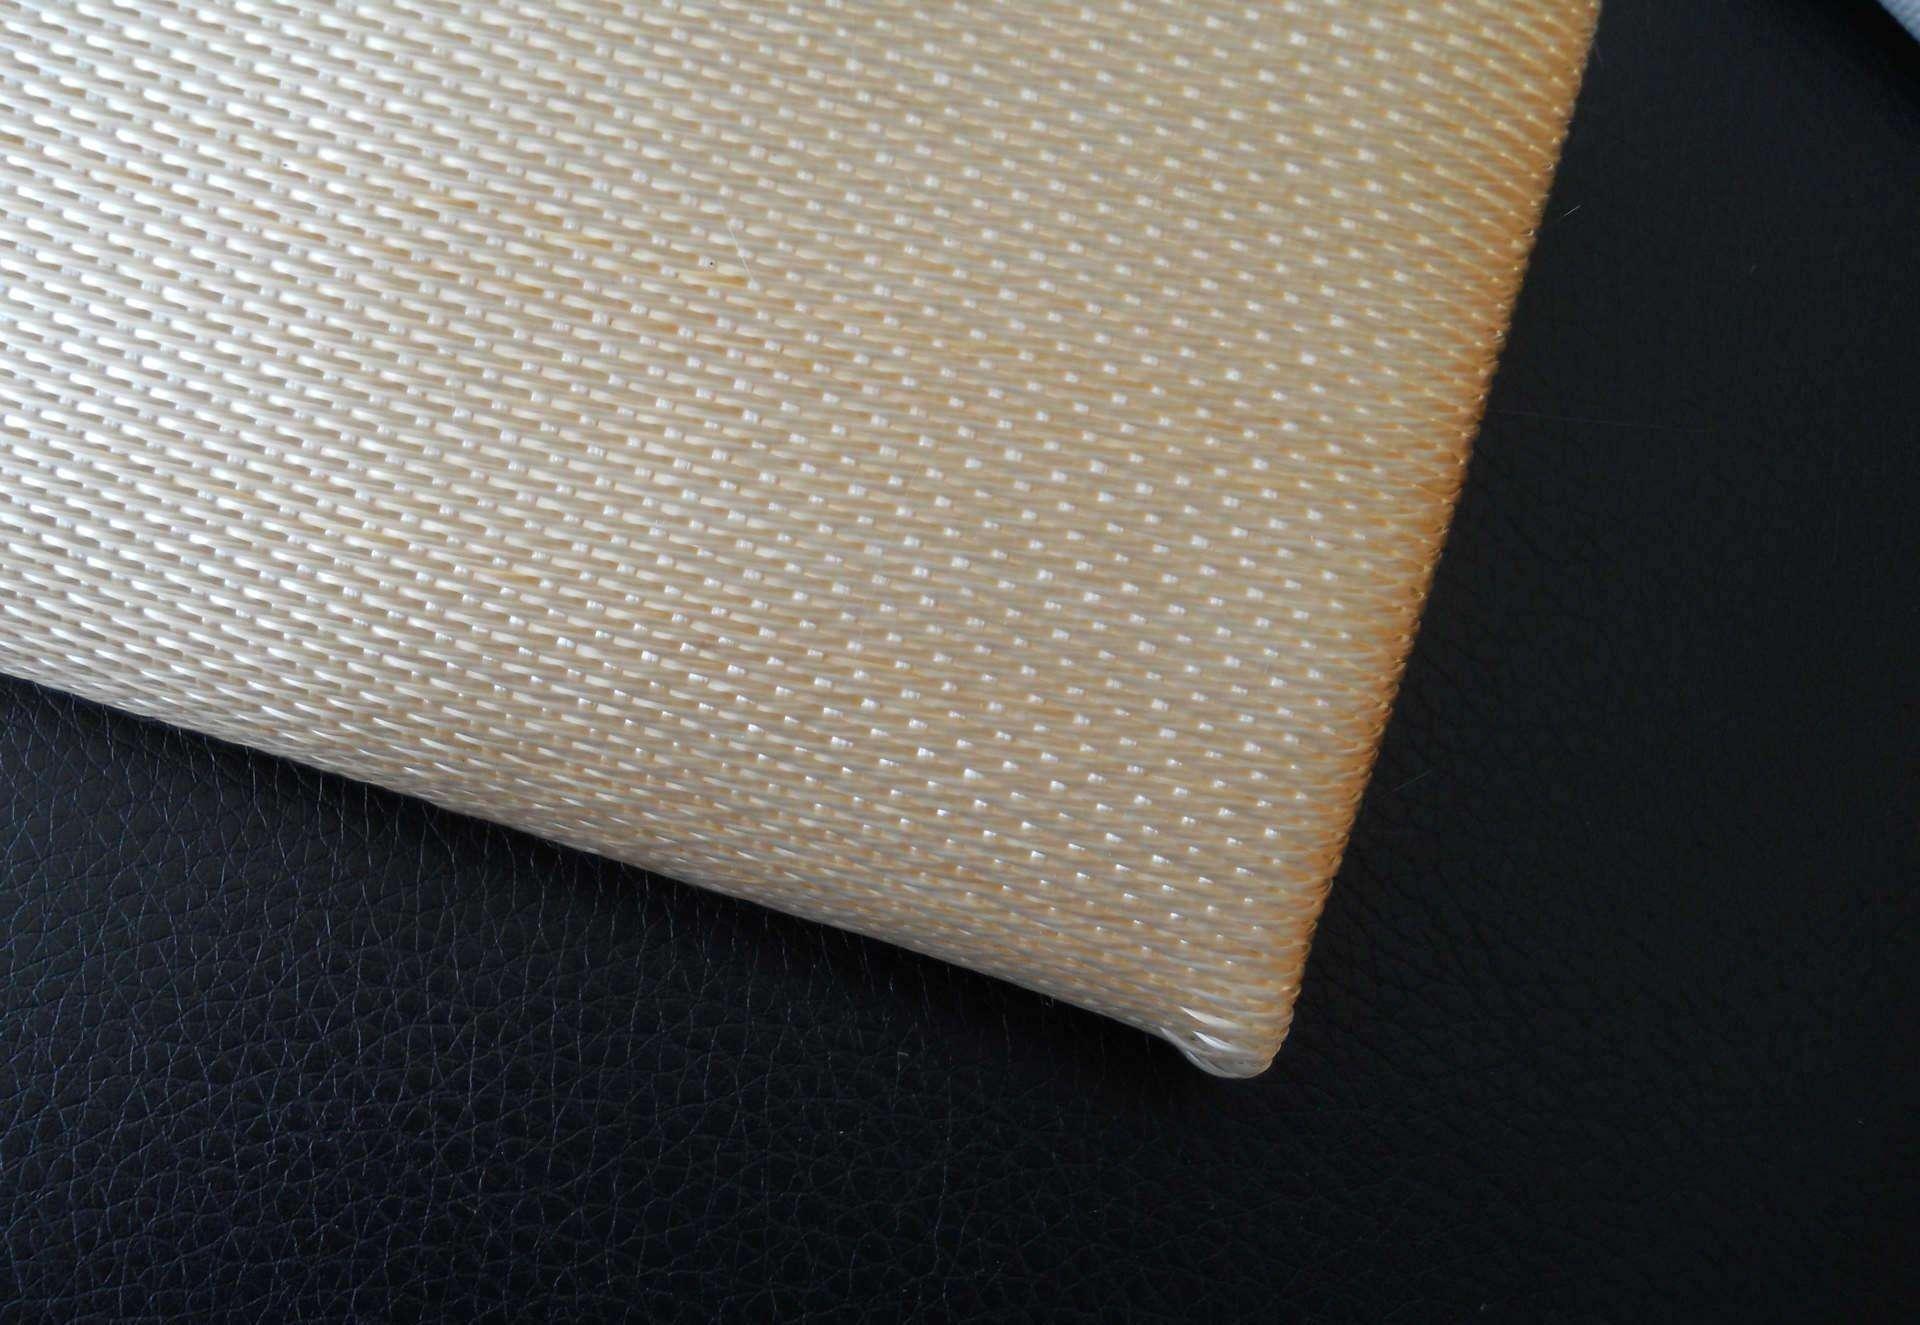 芜湖马鞍山防火布 玻纤防火布吸音布 防静电玻璃纤维布